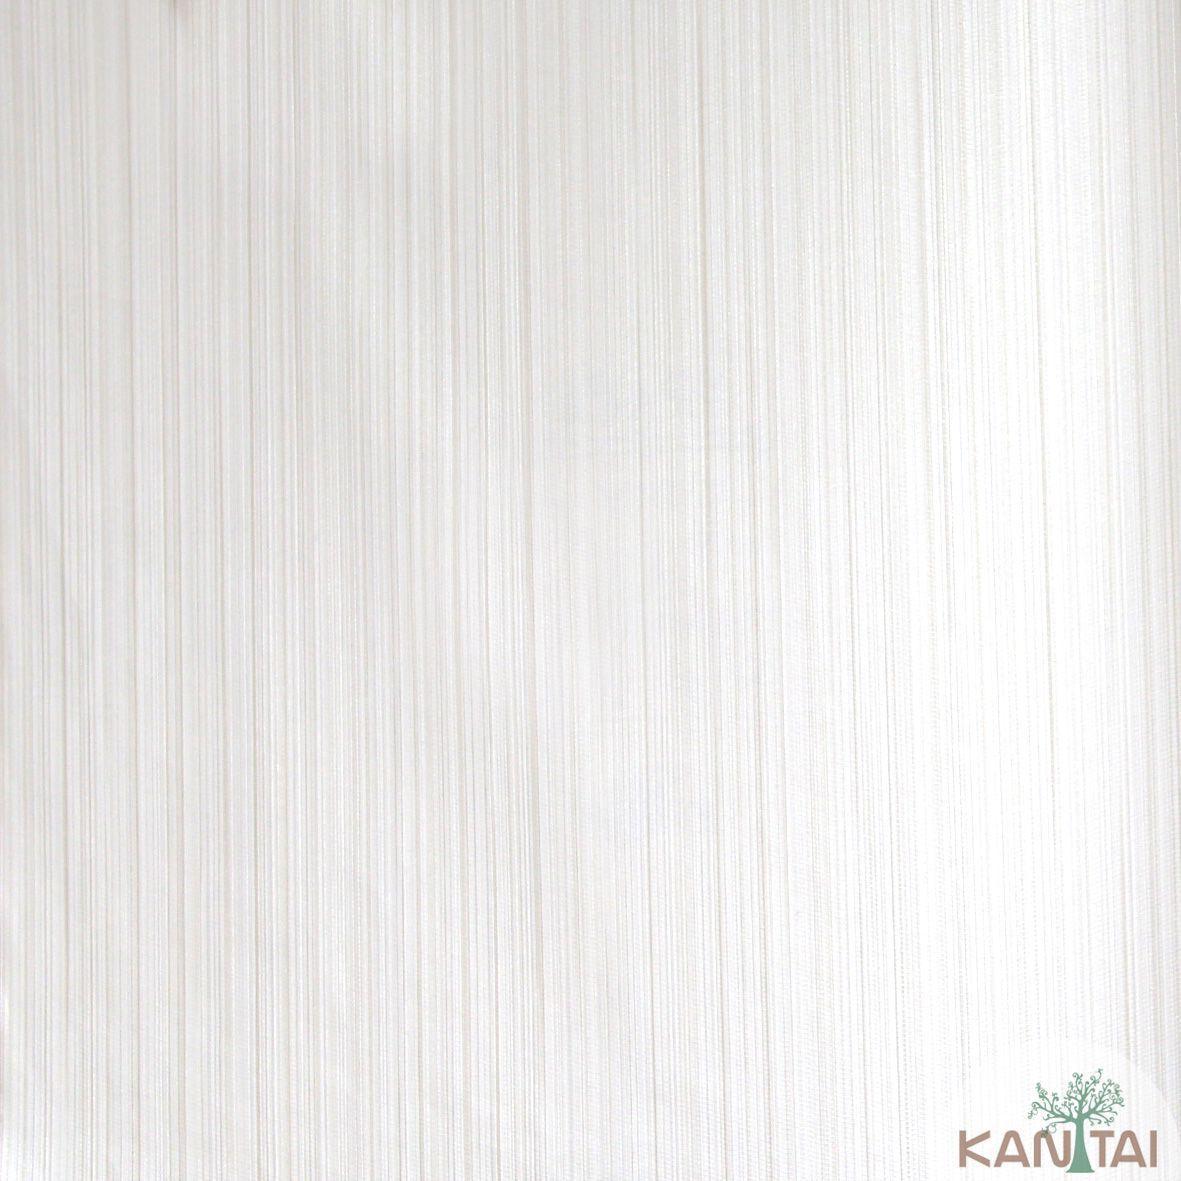 Papel de Parede Importado  Kan Tai  Vinílico Coleção Grace Textura Listras Finas Tons Creme